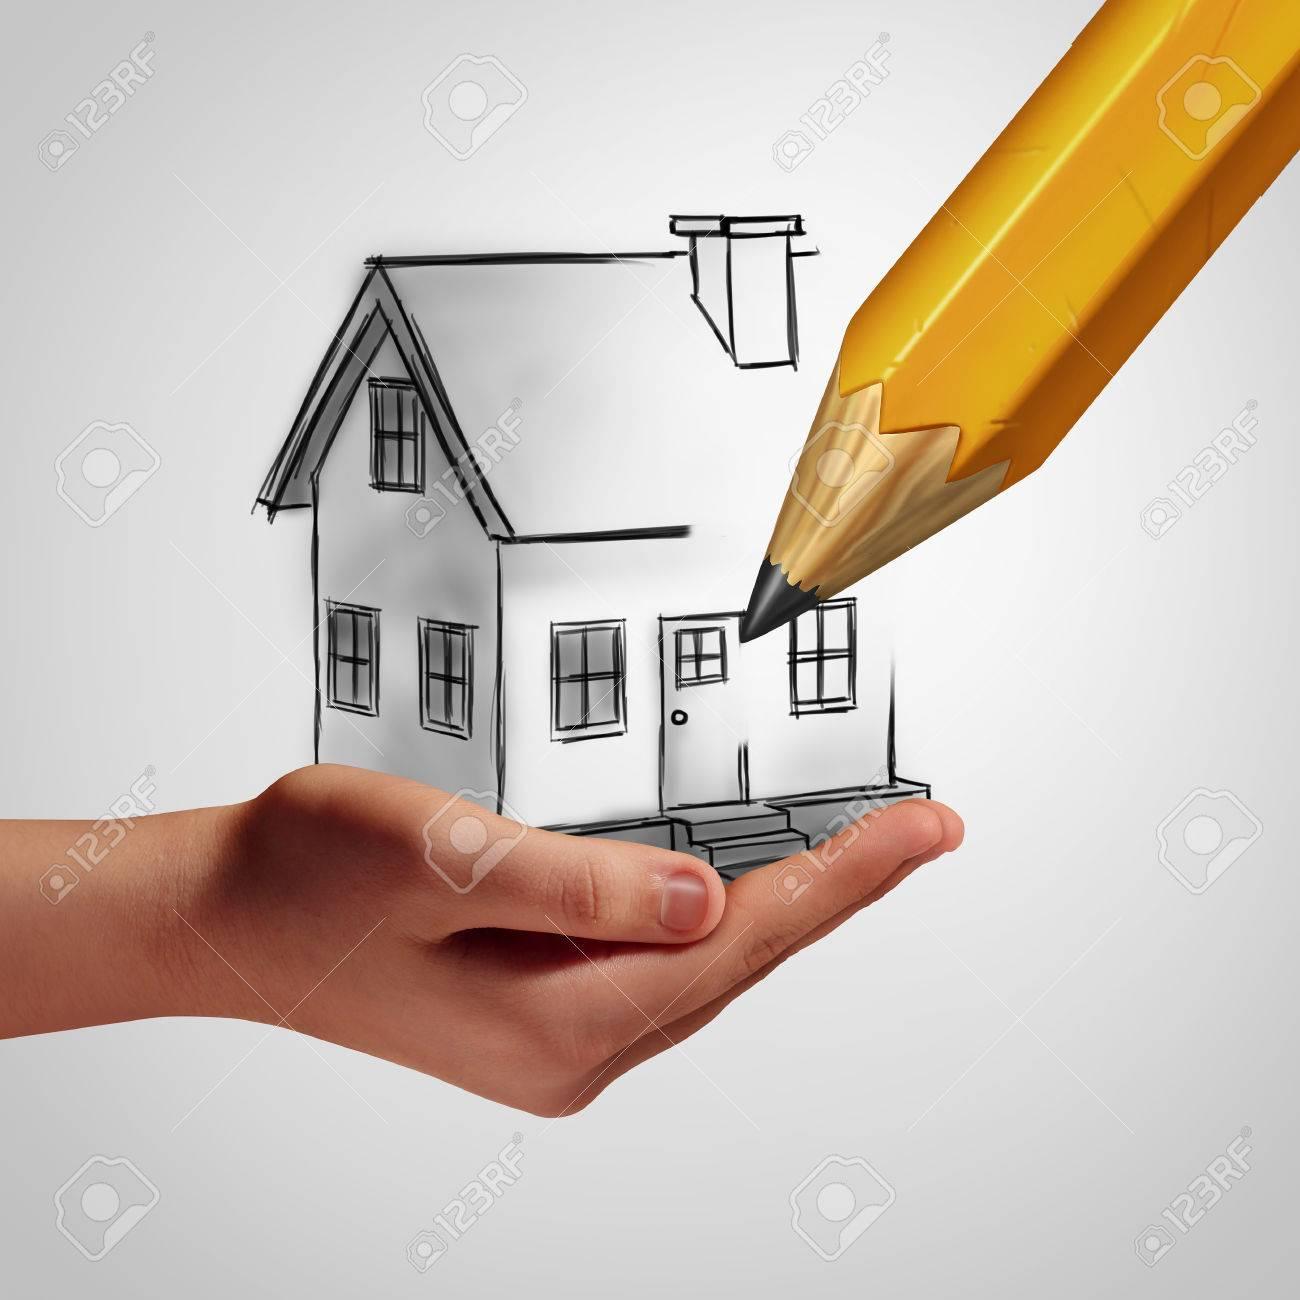 Sogno Concetto Di Casa Come Una Mano In Possesso Di Un Disegno Di